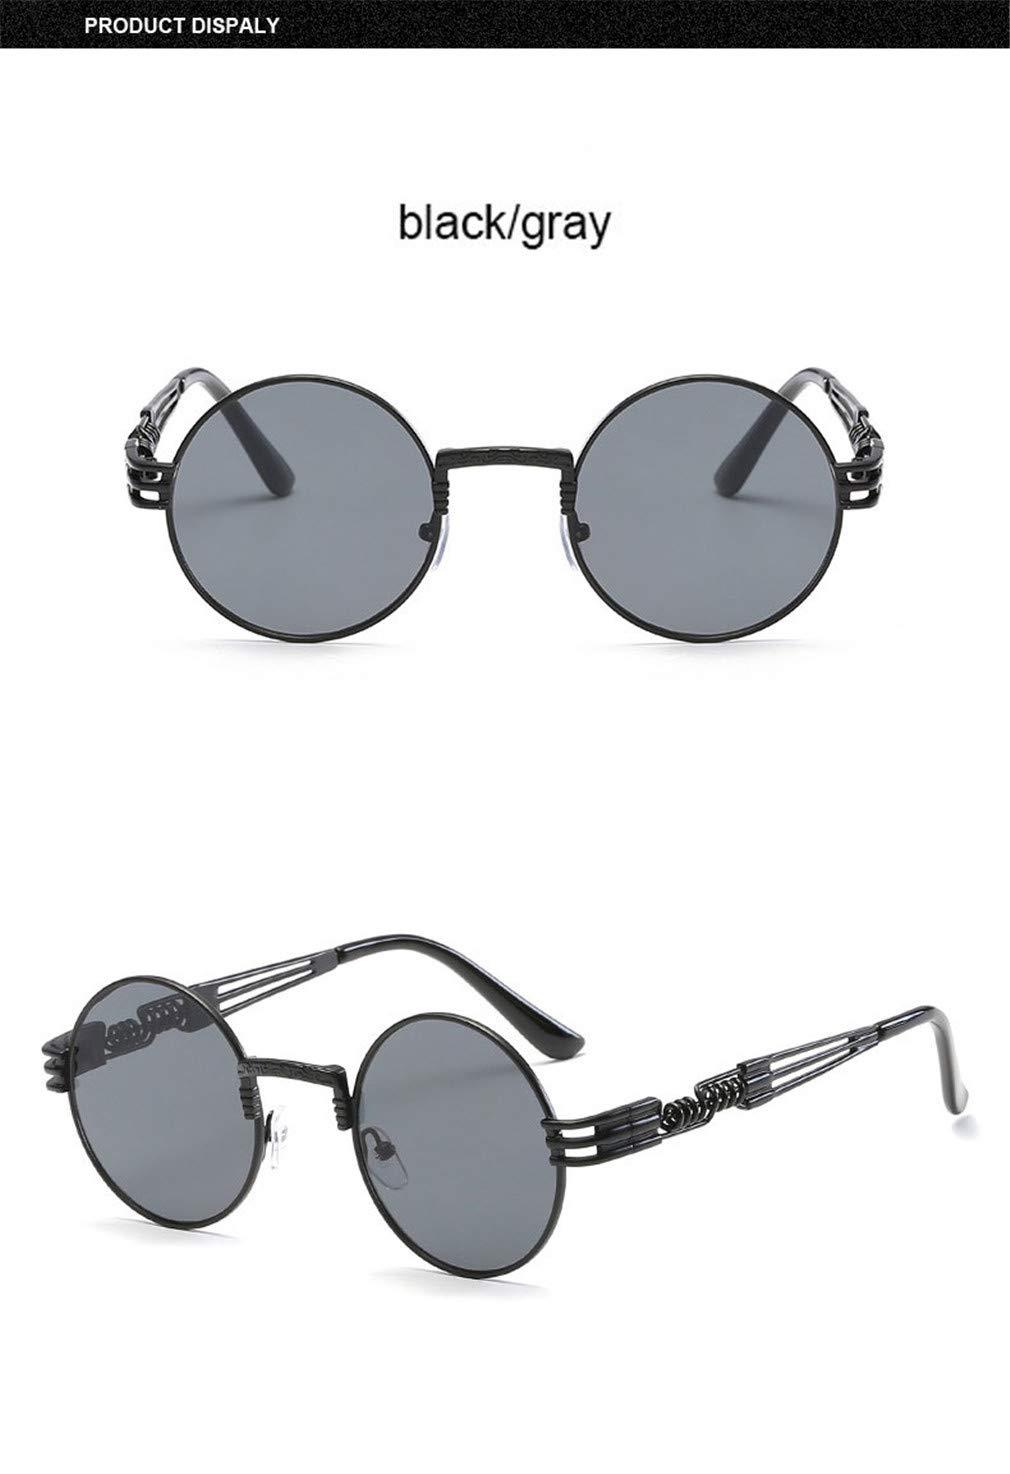 Amazon.com: Gafas de sol Gothic Steampunk para hombres y ...